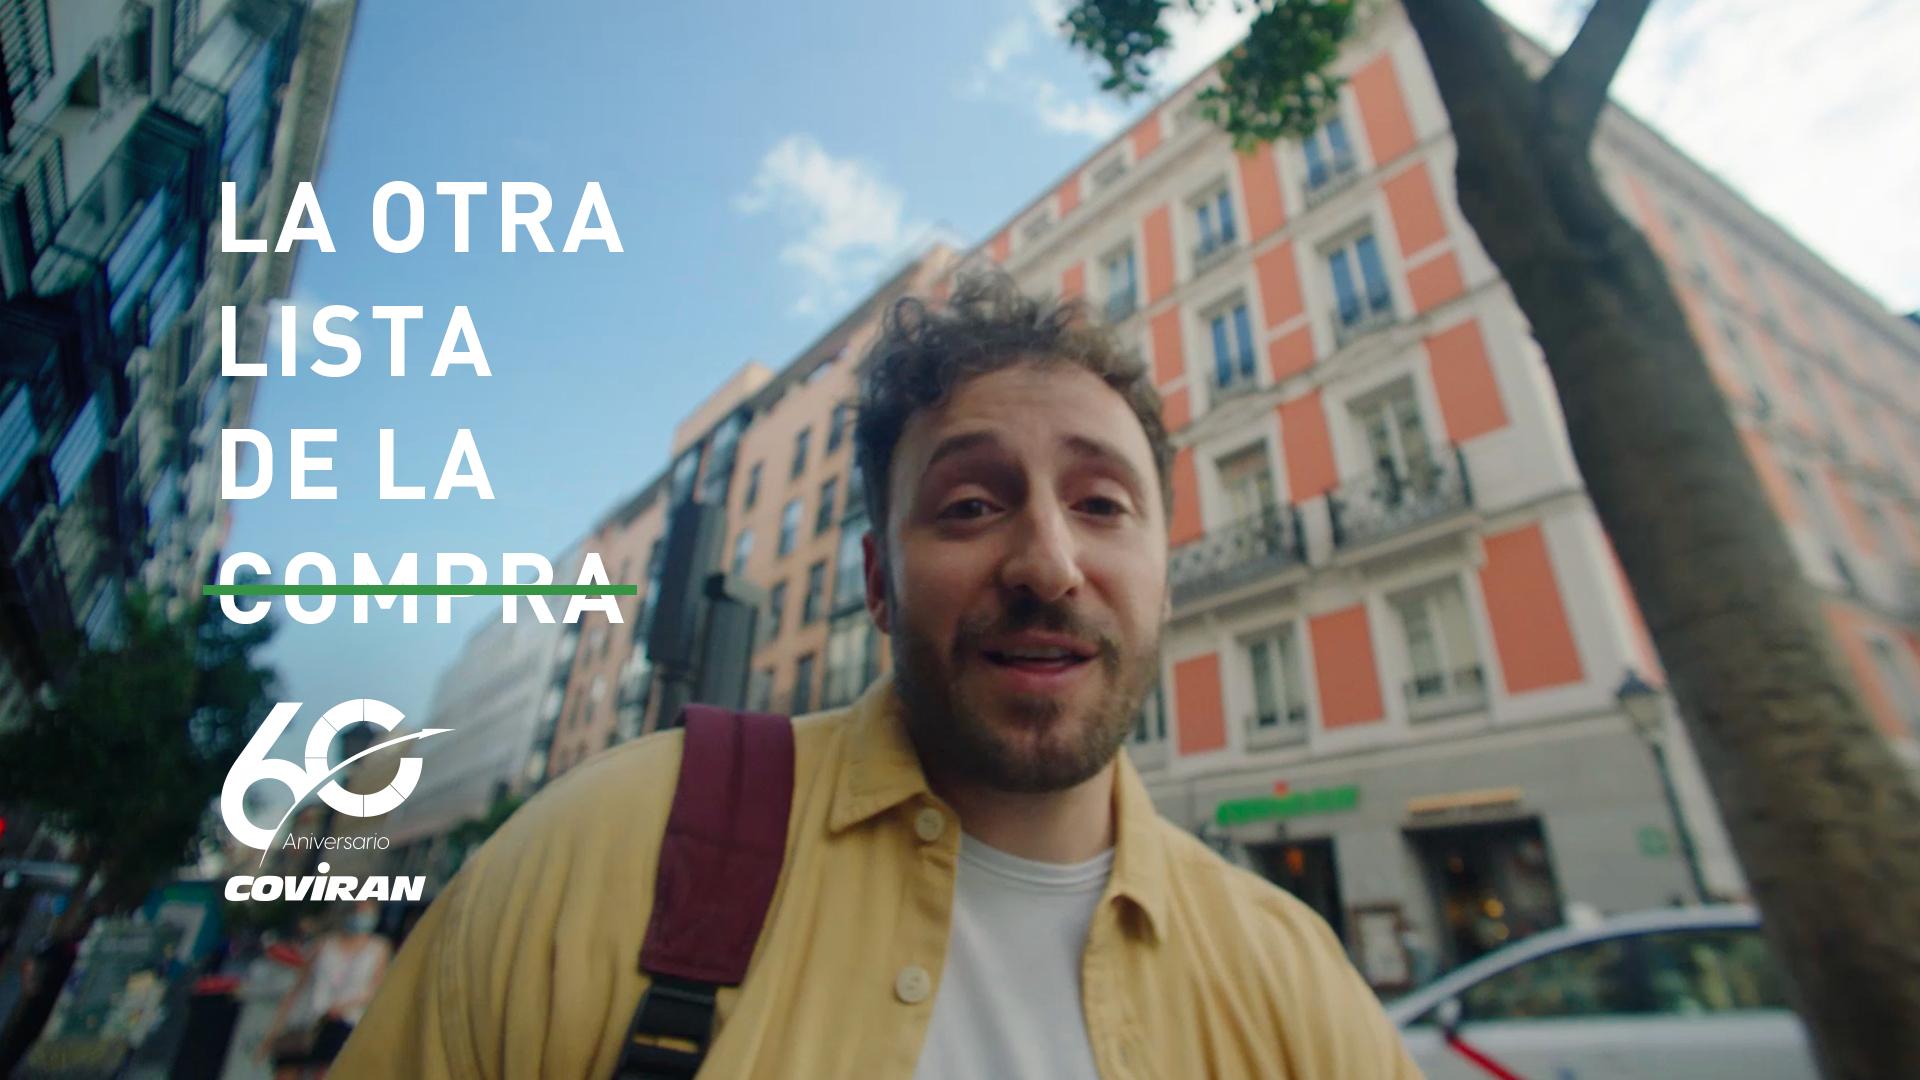 """""""La otra lista de la compra"""", la última campaña de Covirán y Manifiesto"""